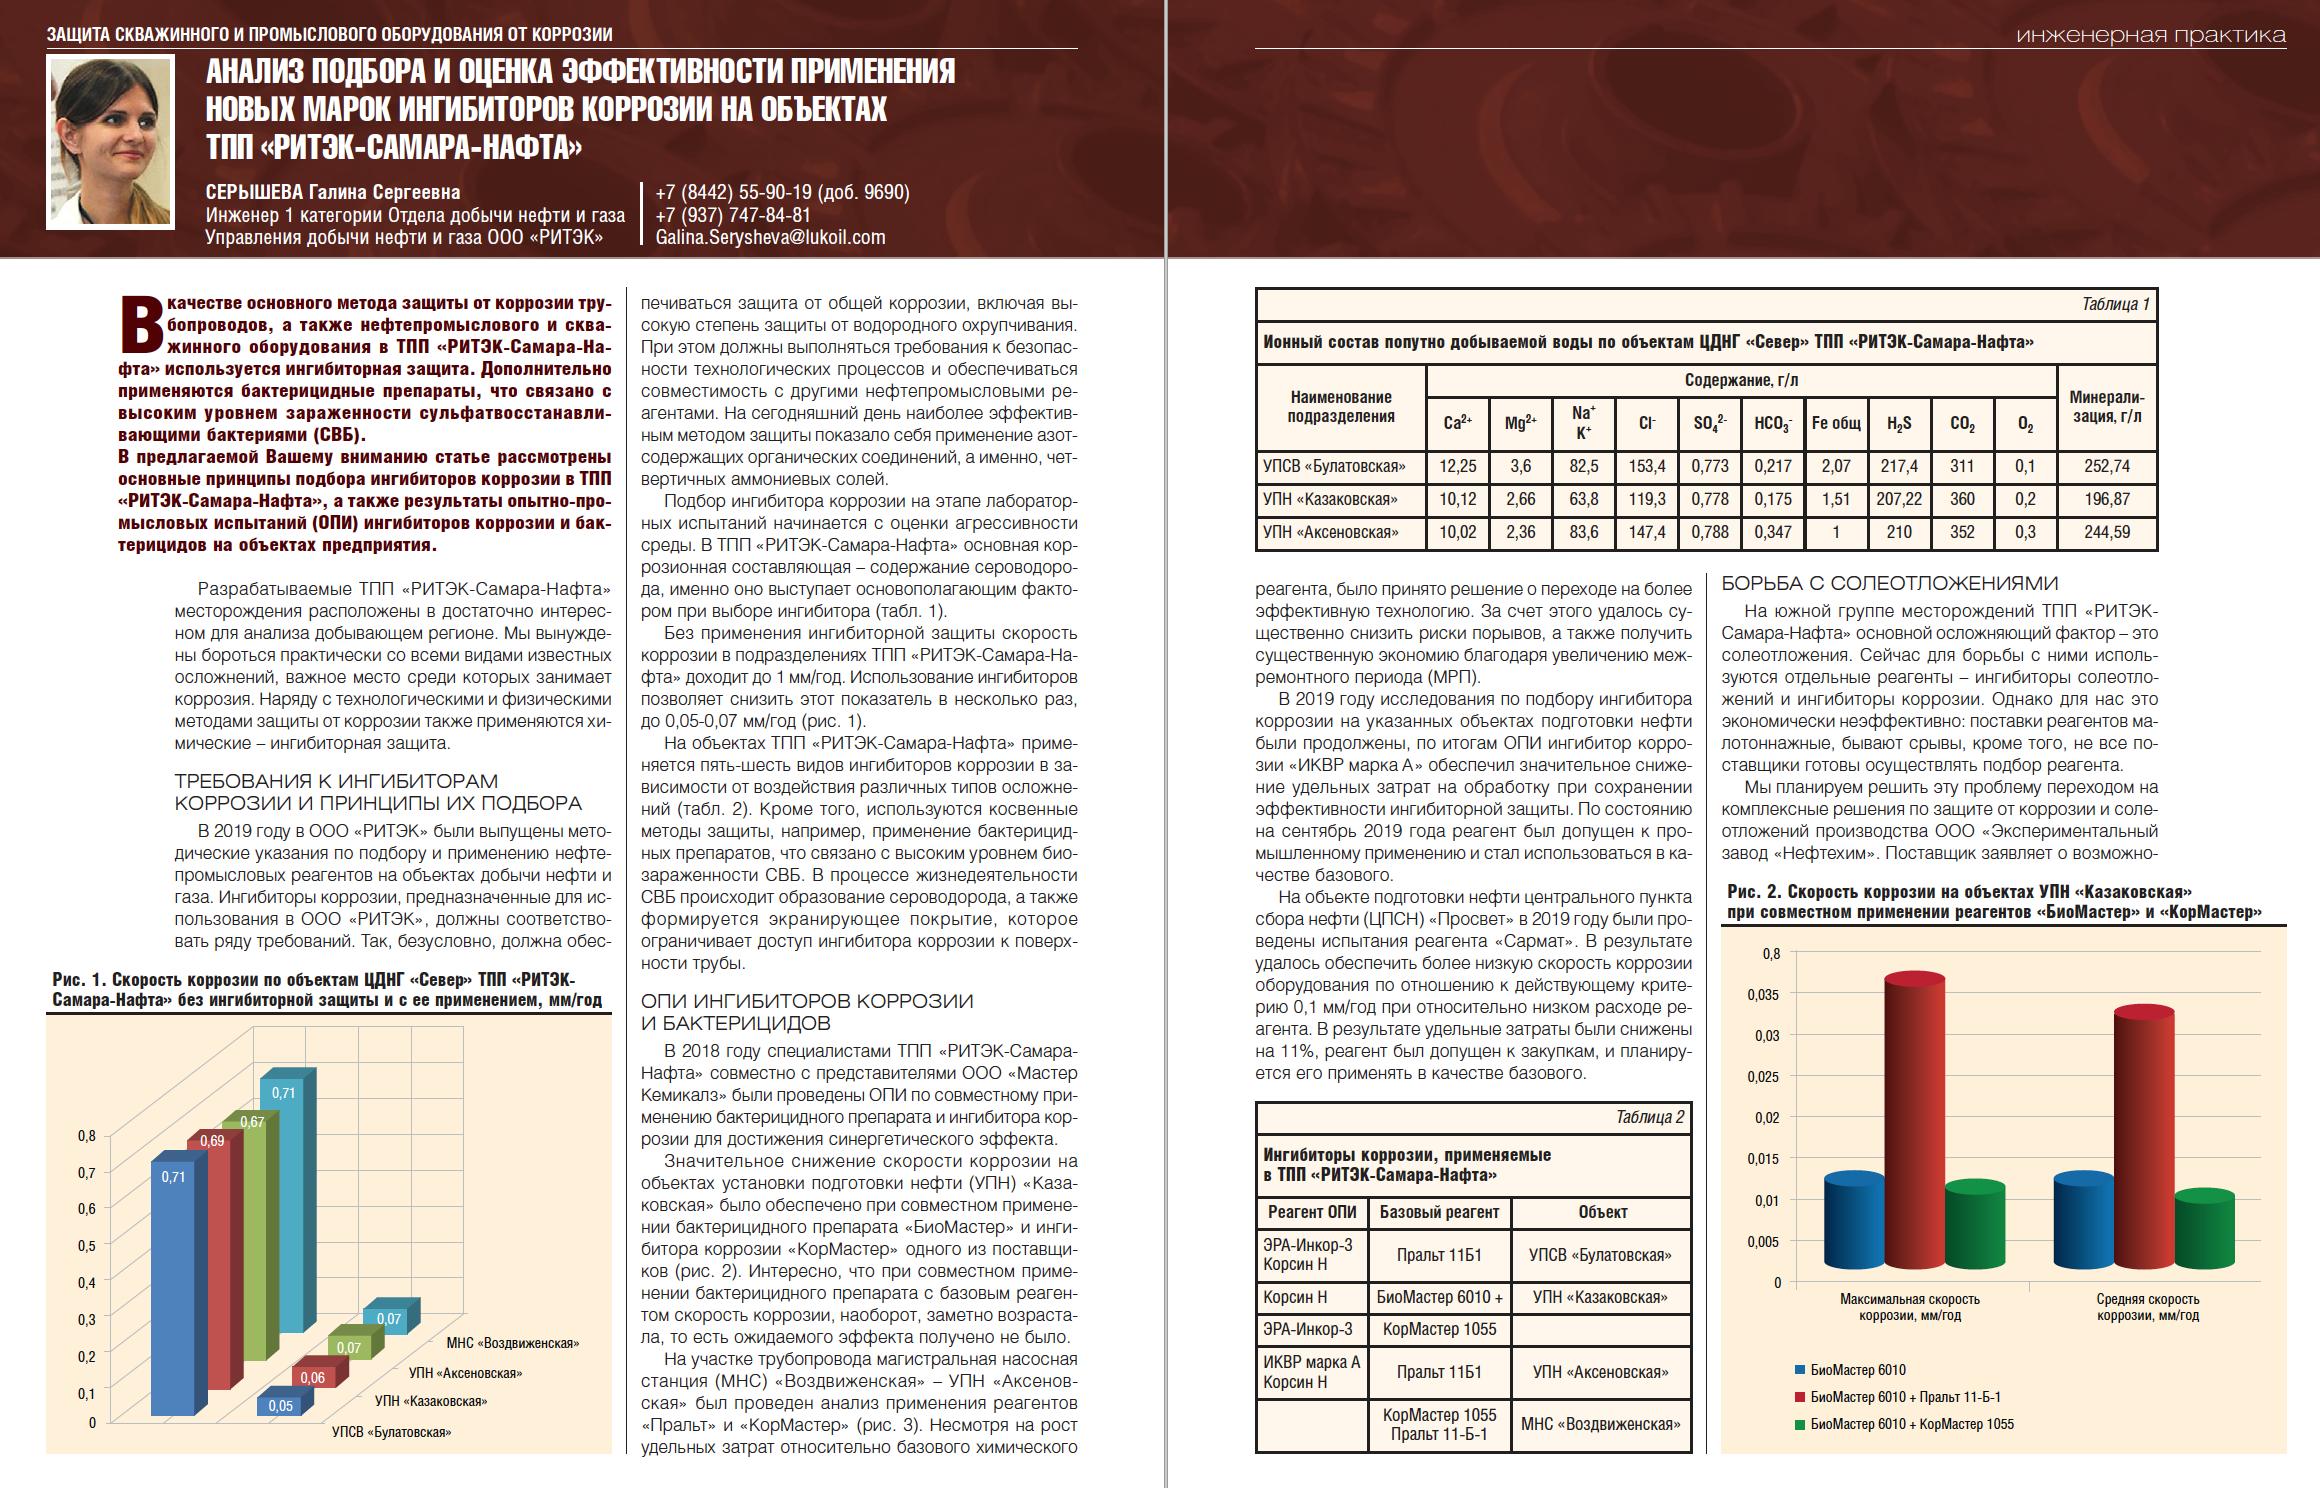 32589 Анализ подбора и оценка эффективности применения новых марок ингибиторов коррозии на объектах ТПП «РИТЭК-Самара-Нафта»